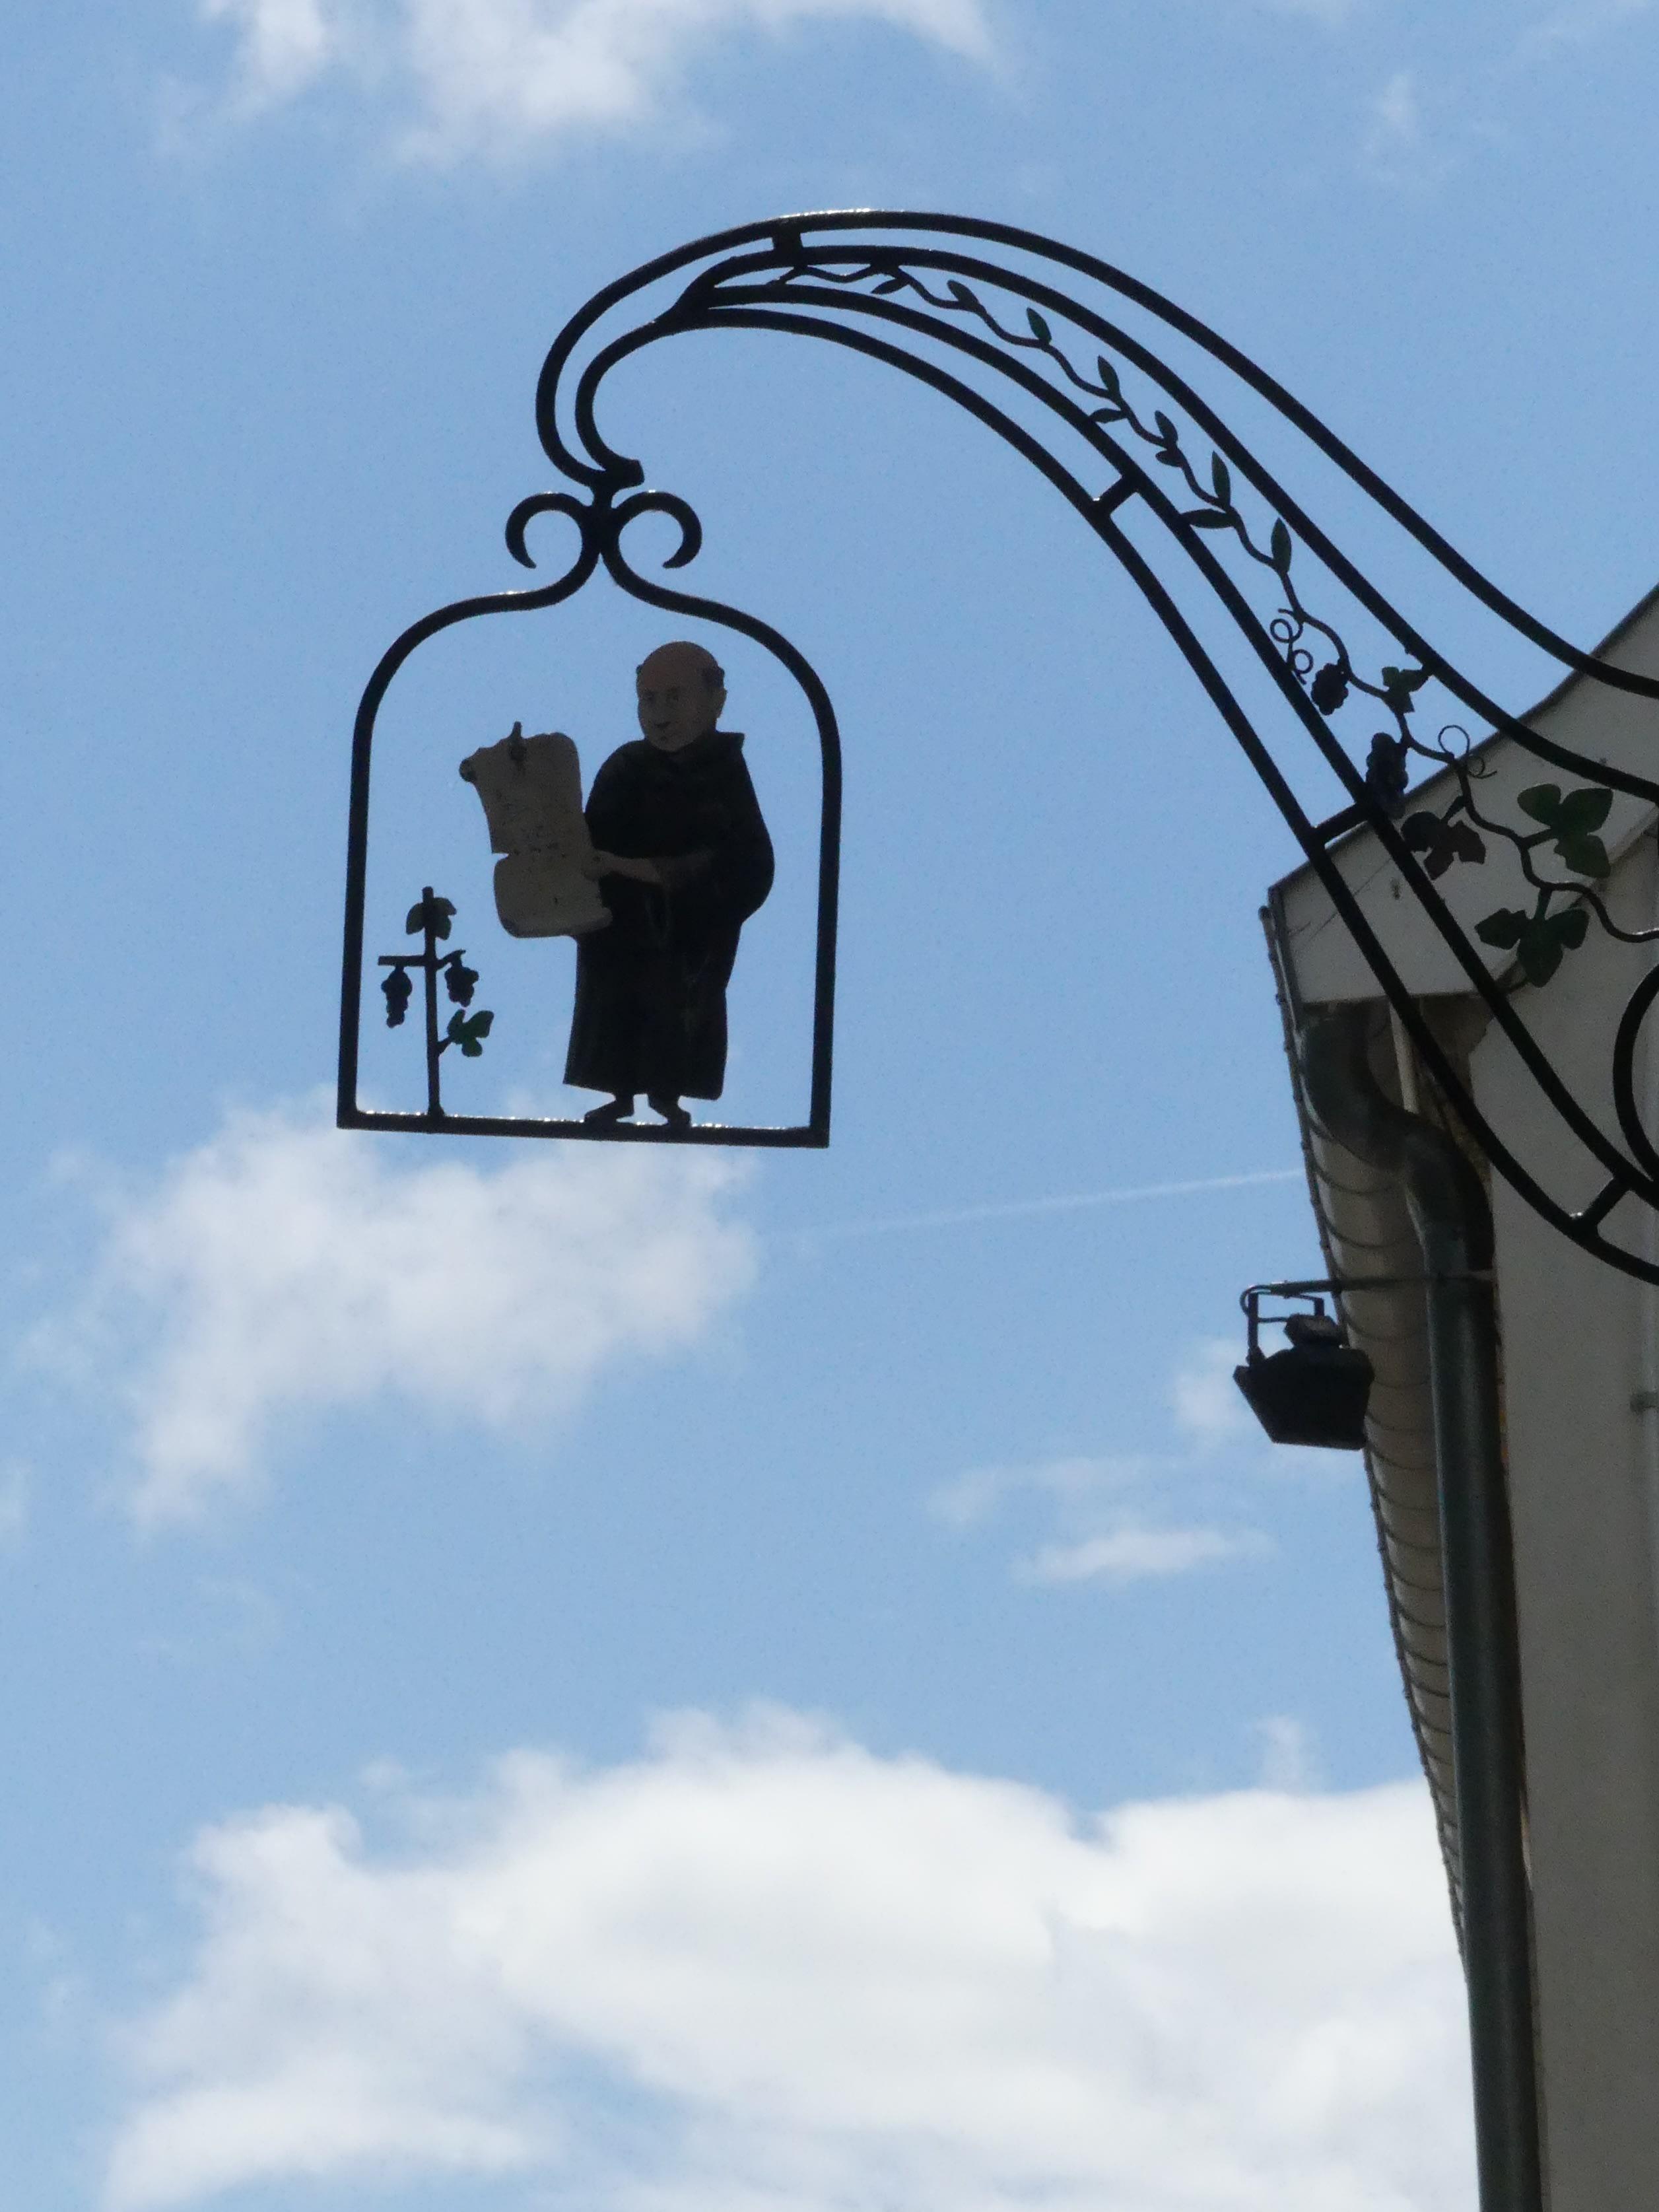 Dom Perignon smeedijzer uithangbord